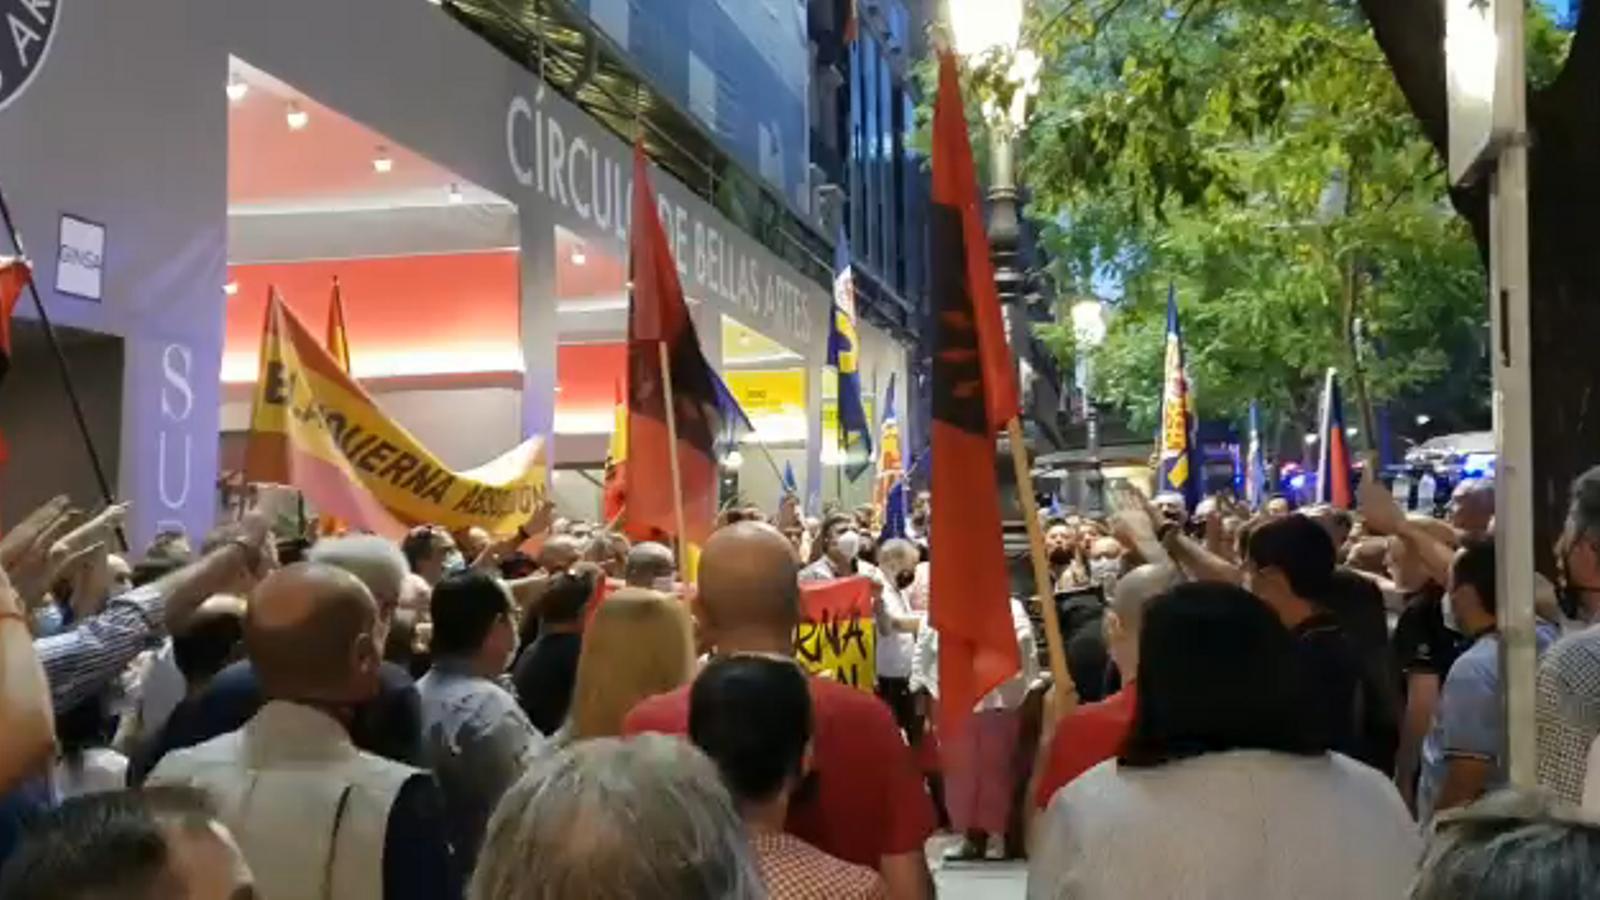 Concentració ultra davant la delegació de la Generalitat a Madrid